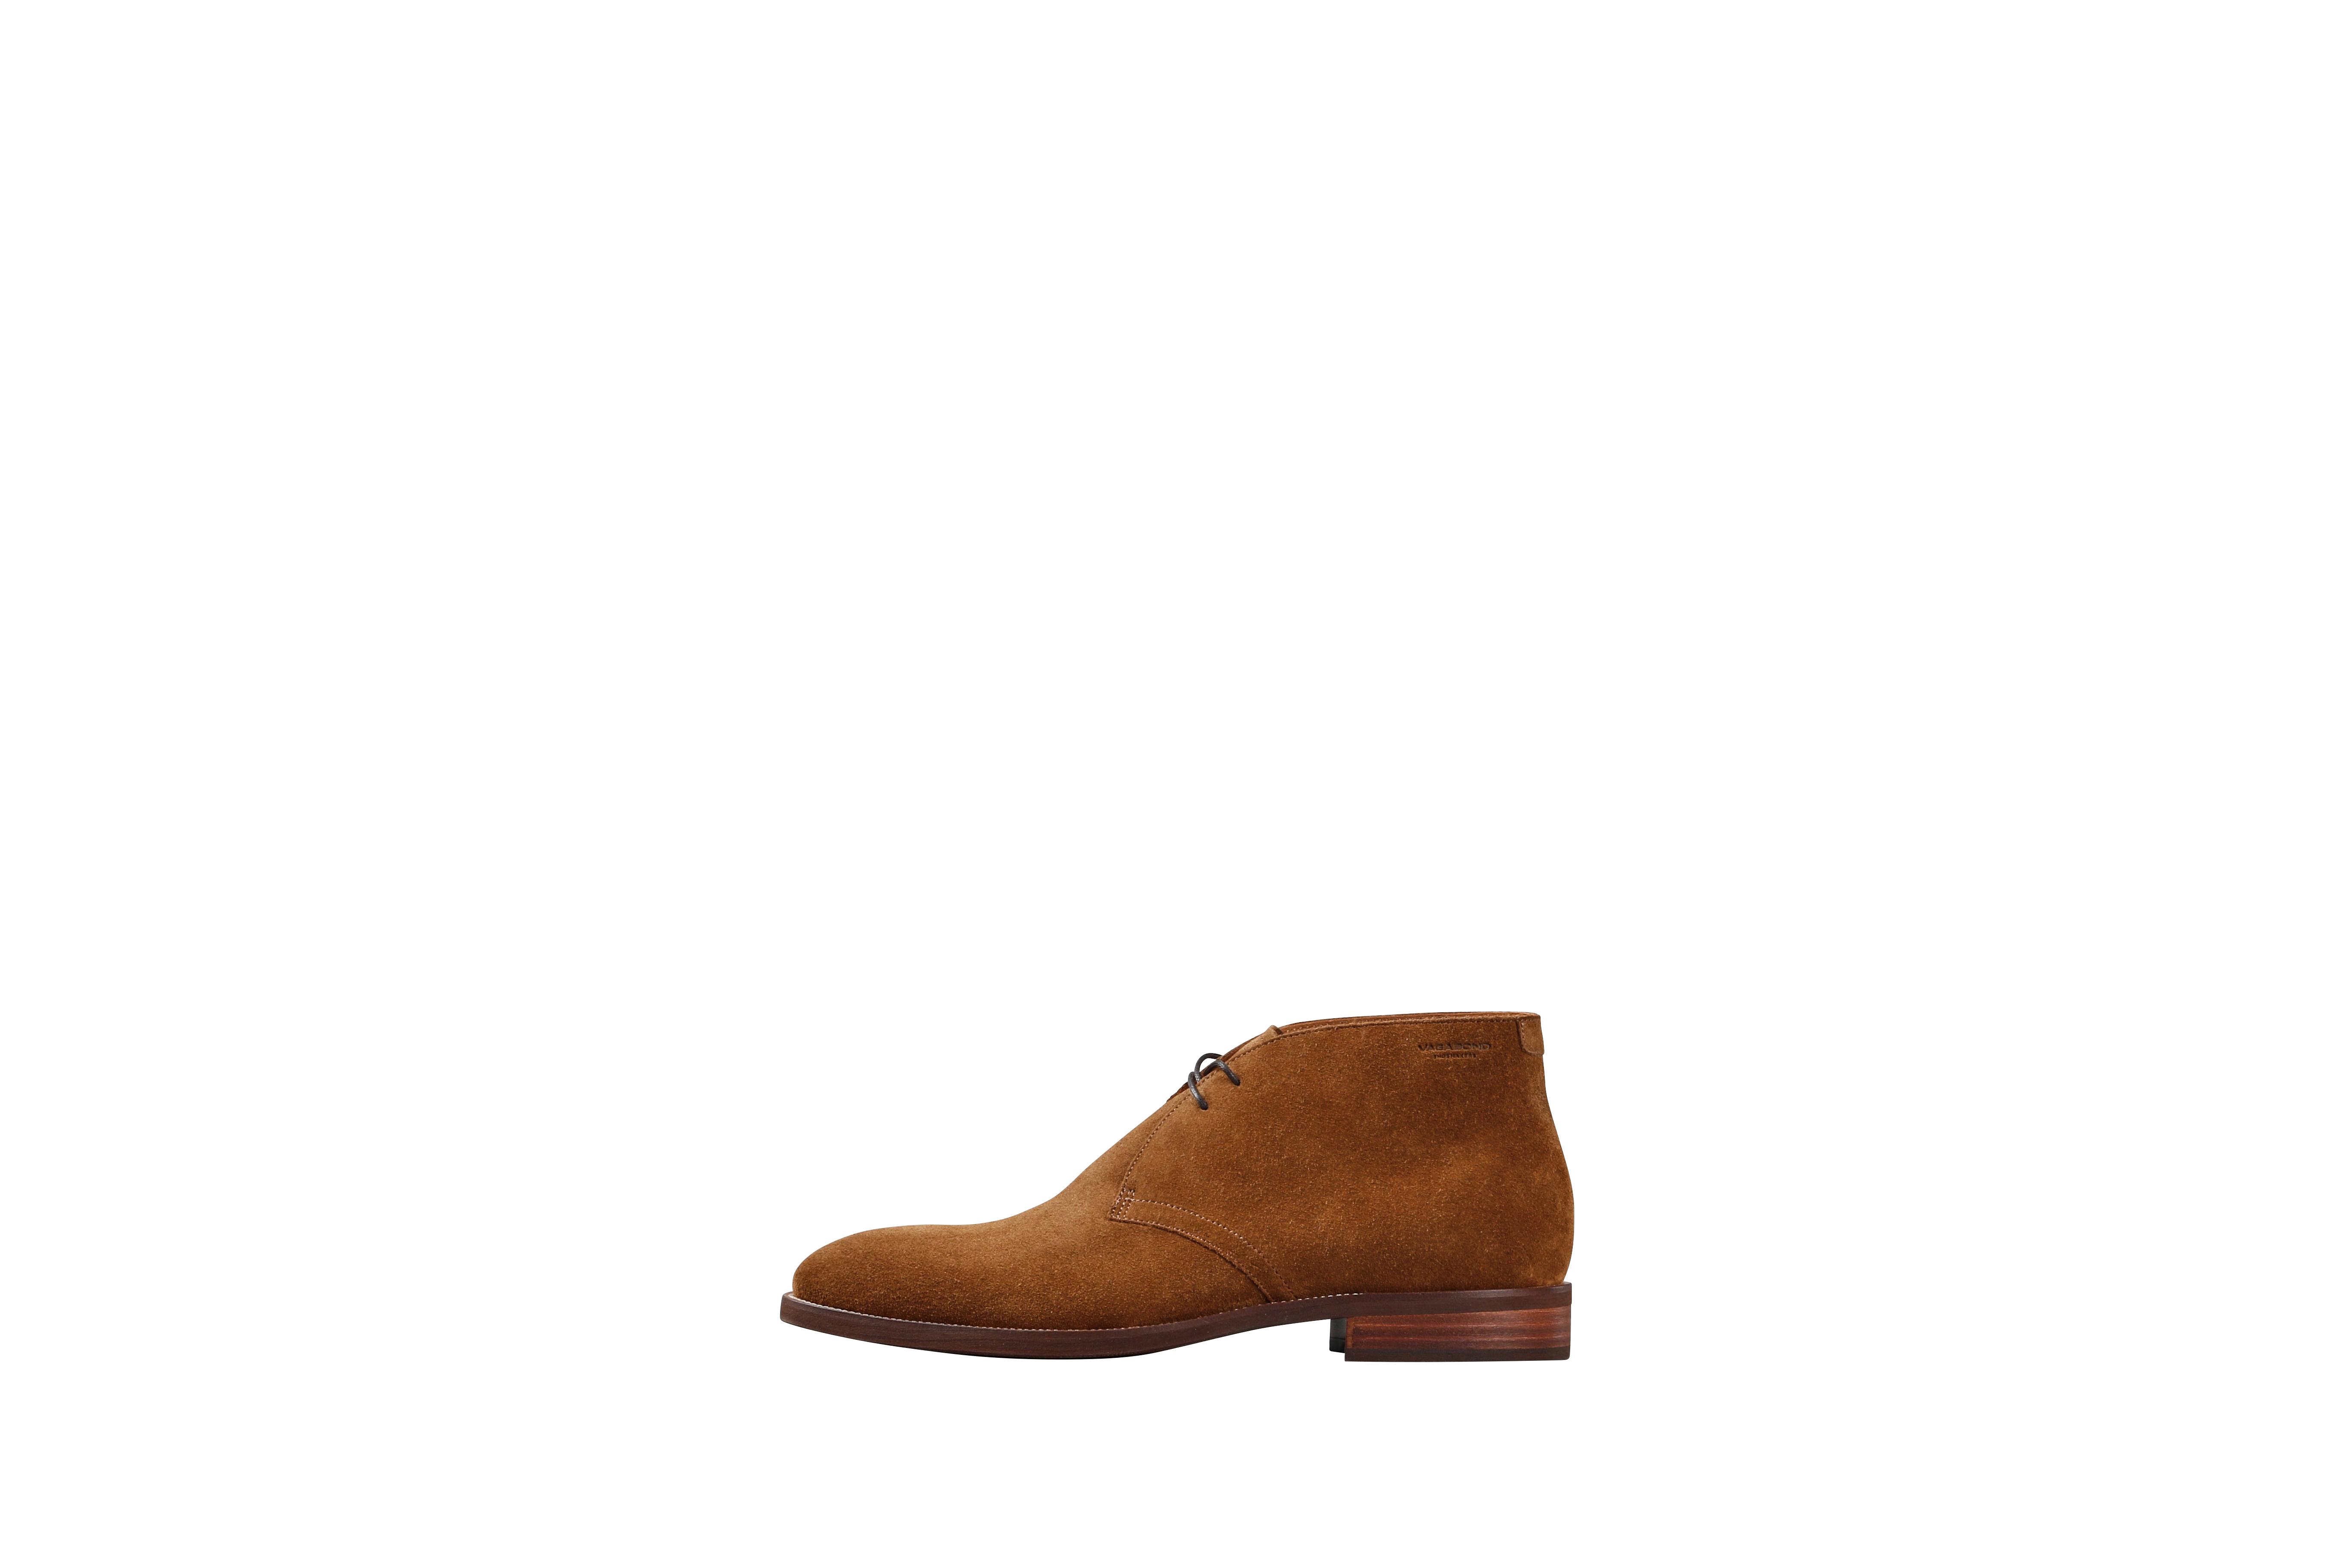 Vagabond Parker støvle